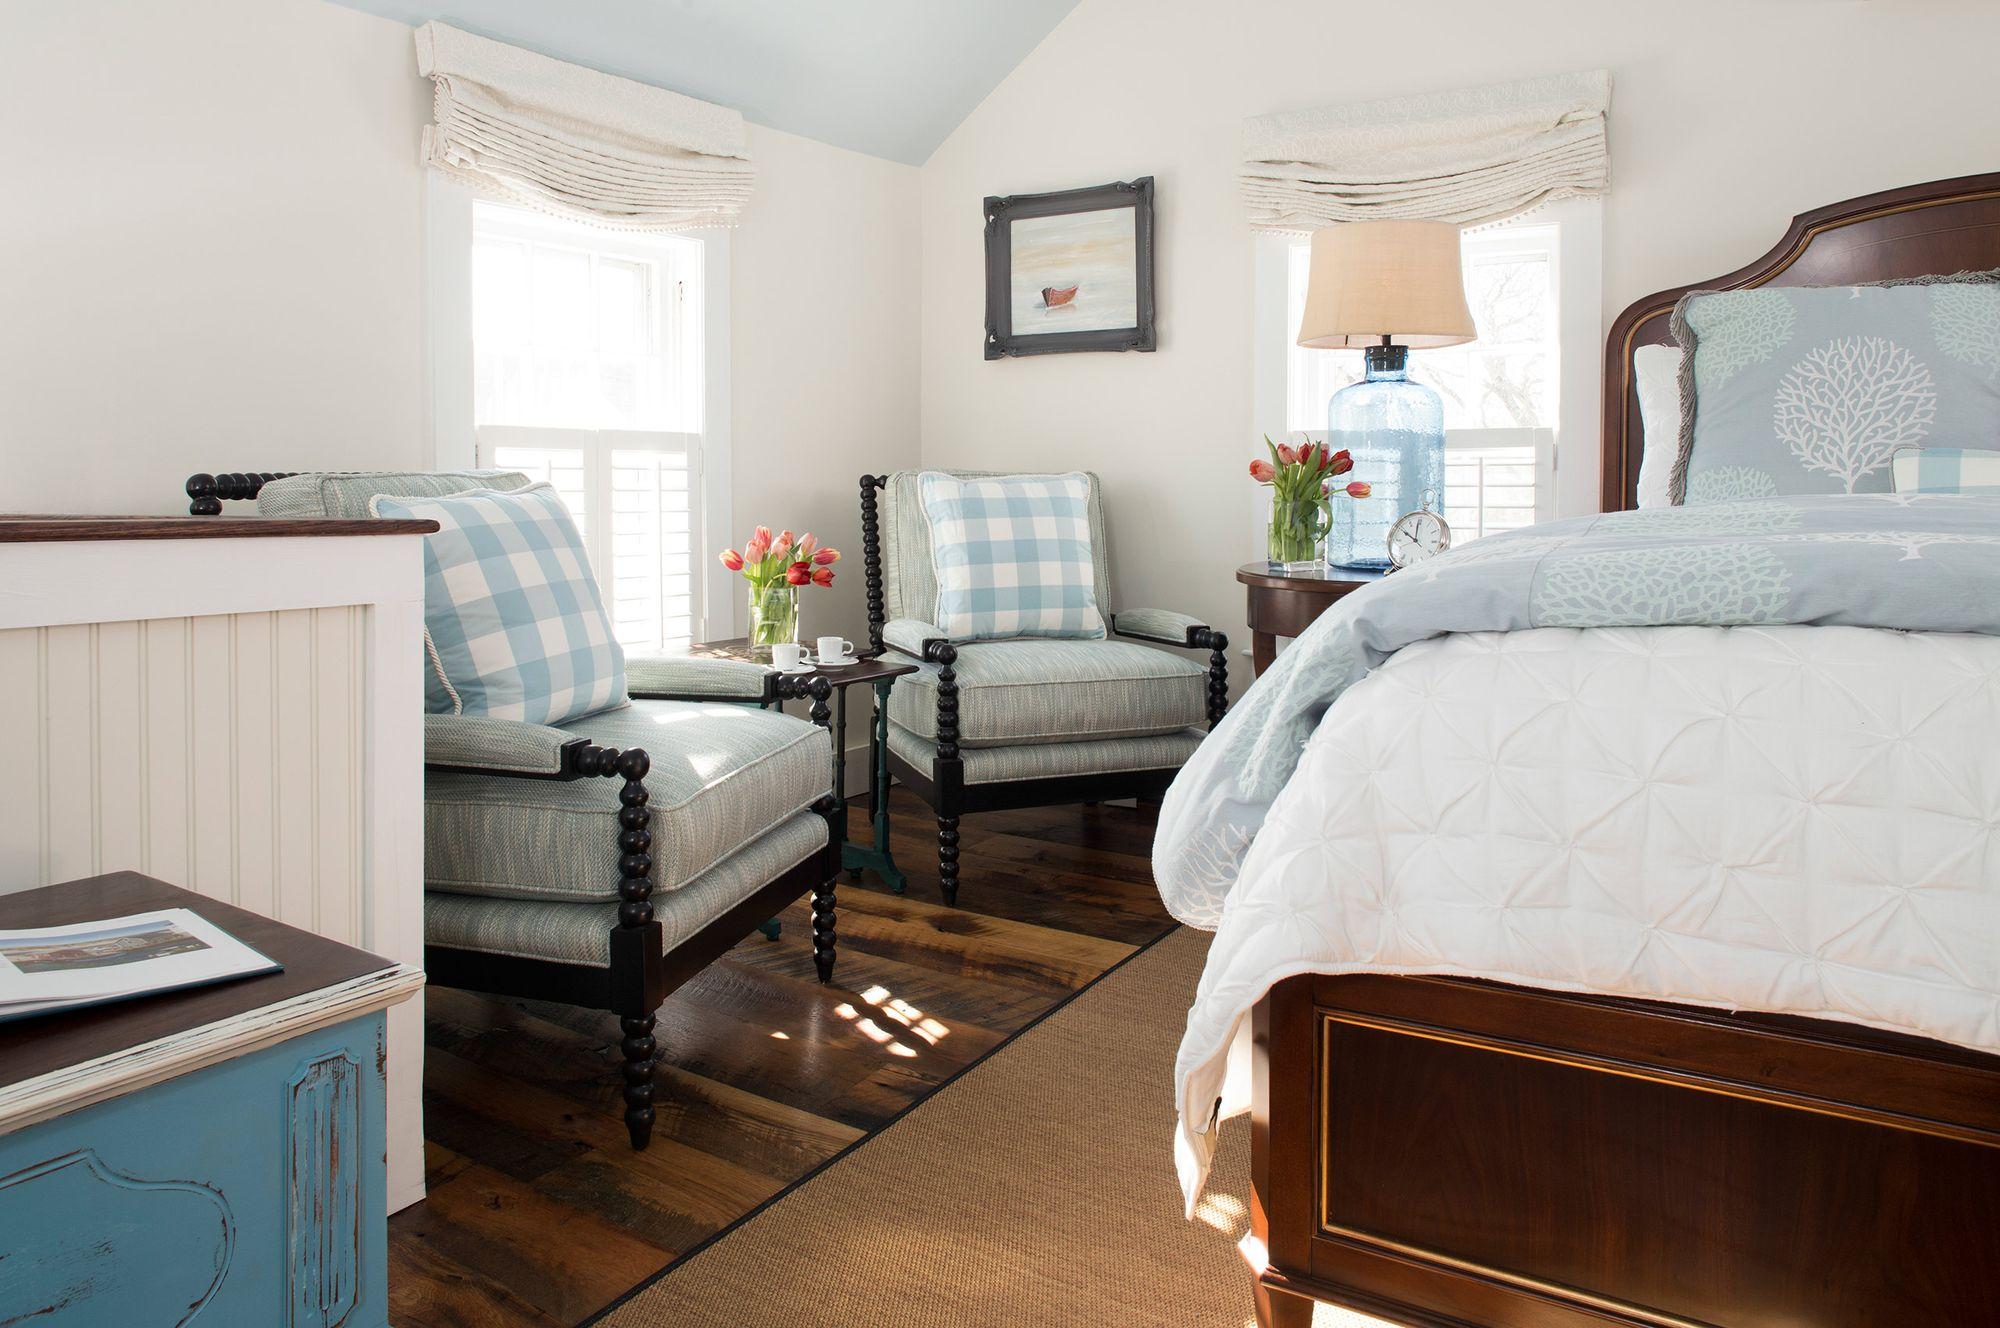 Interior vignette from Chatham Gables Inn.jpg